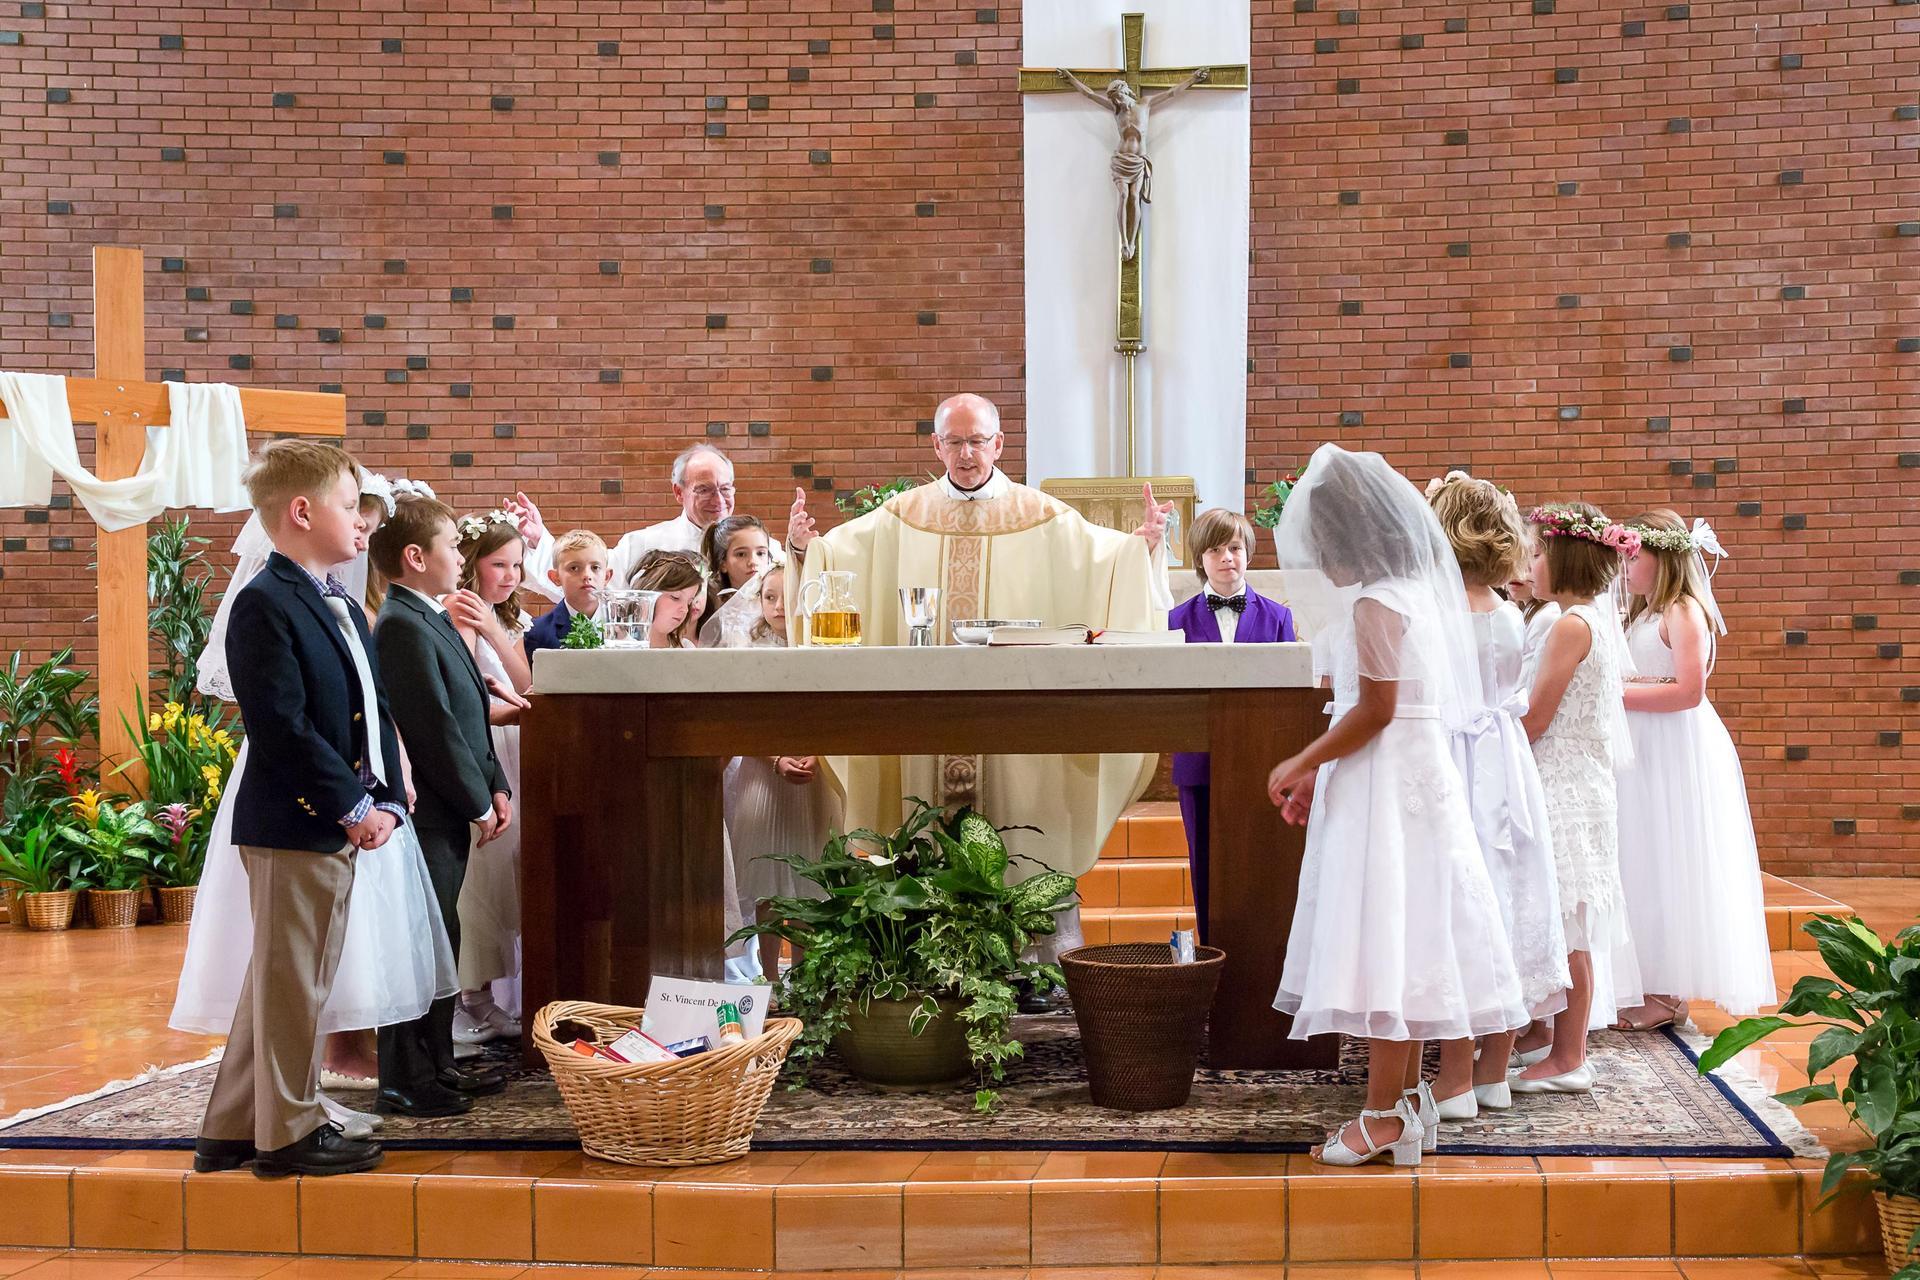 Fr. Tim during Lent